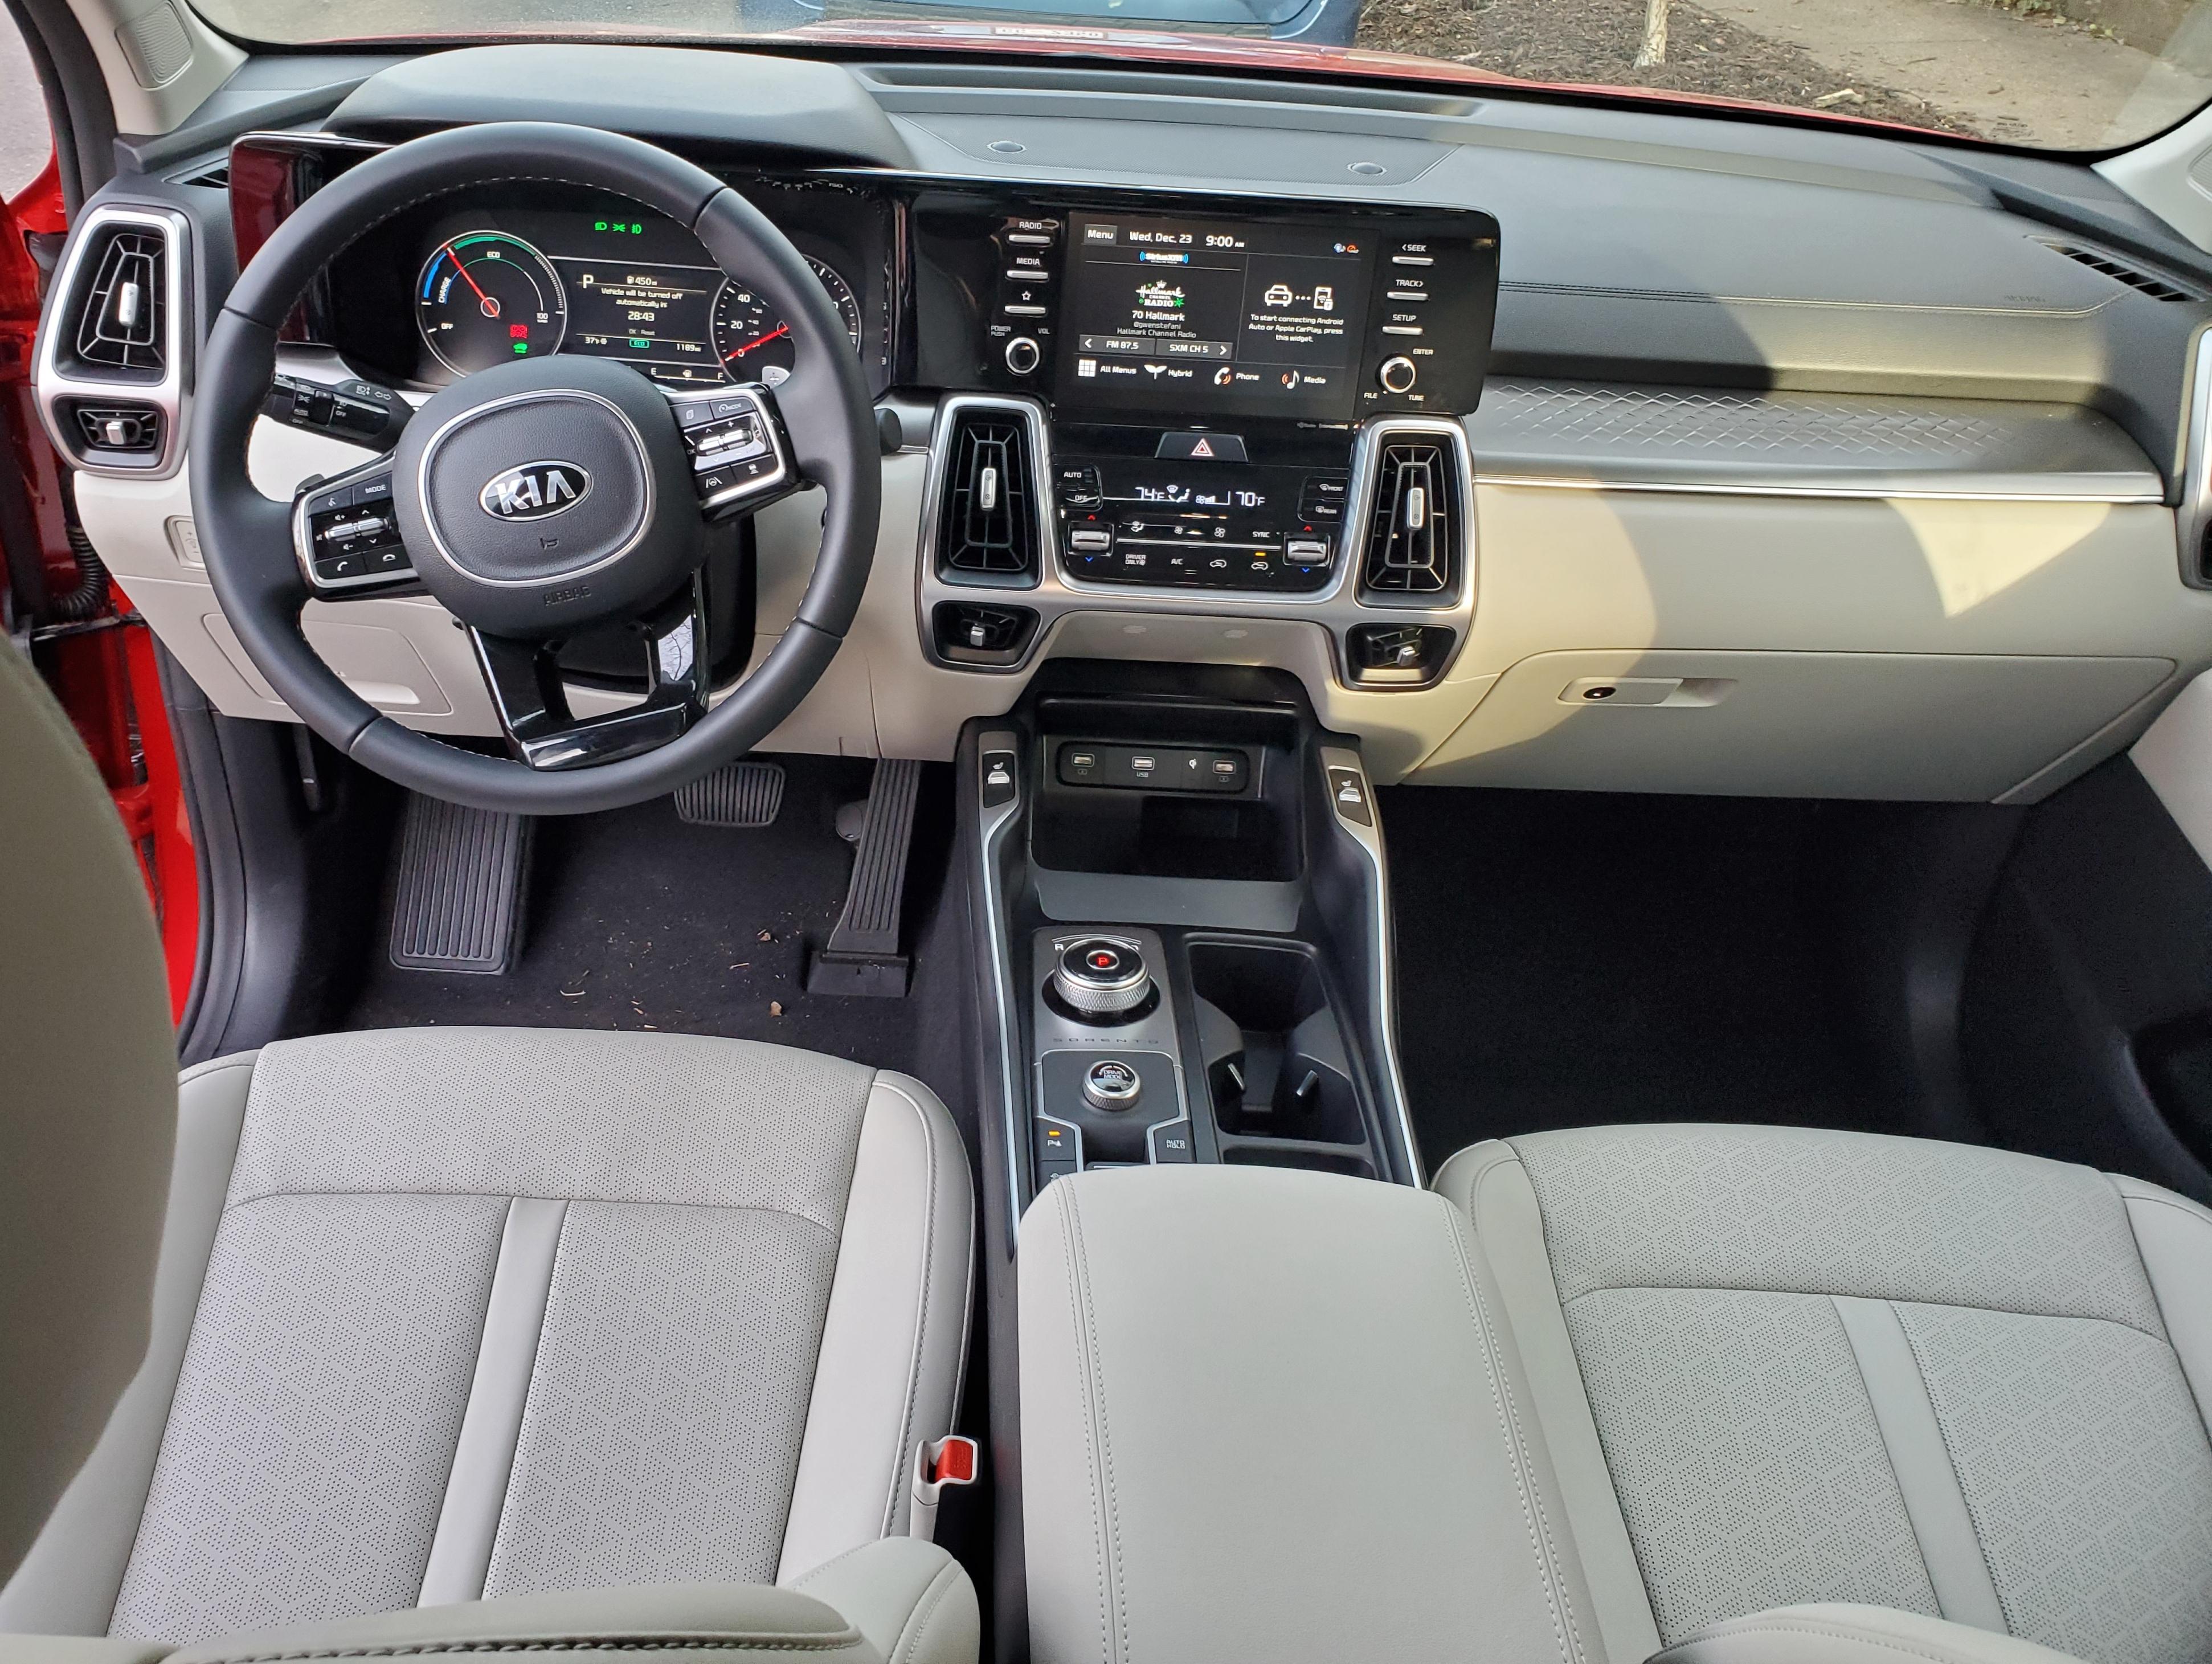 2021 Kia Sorento Cockpit